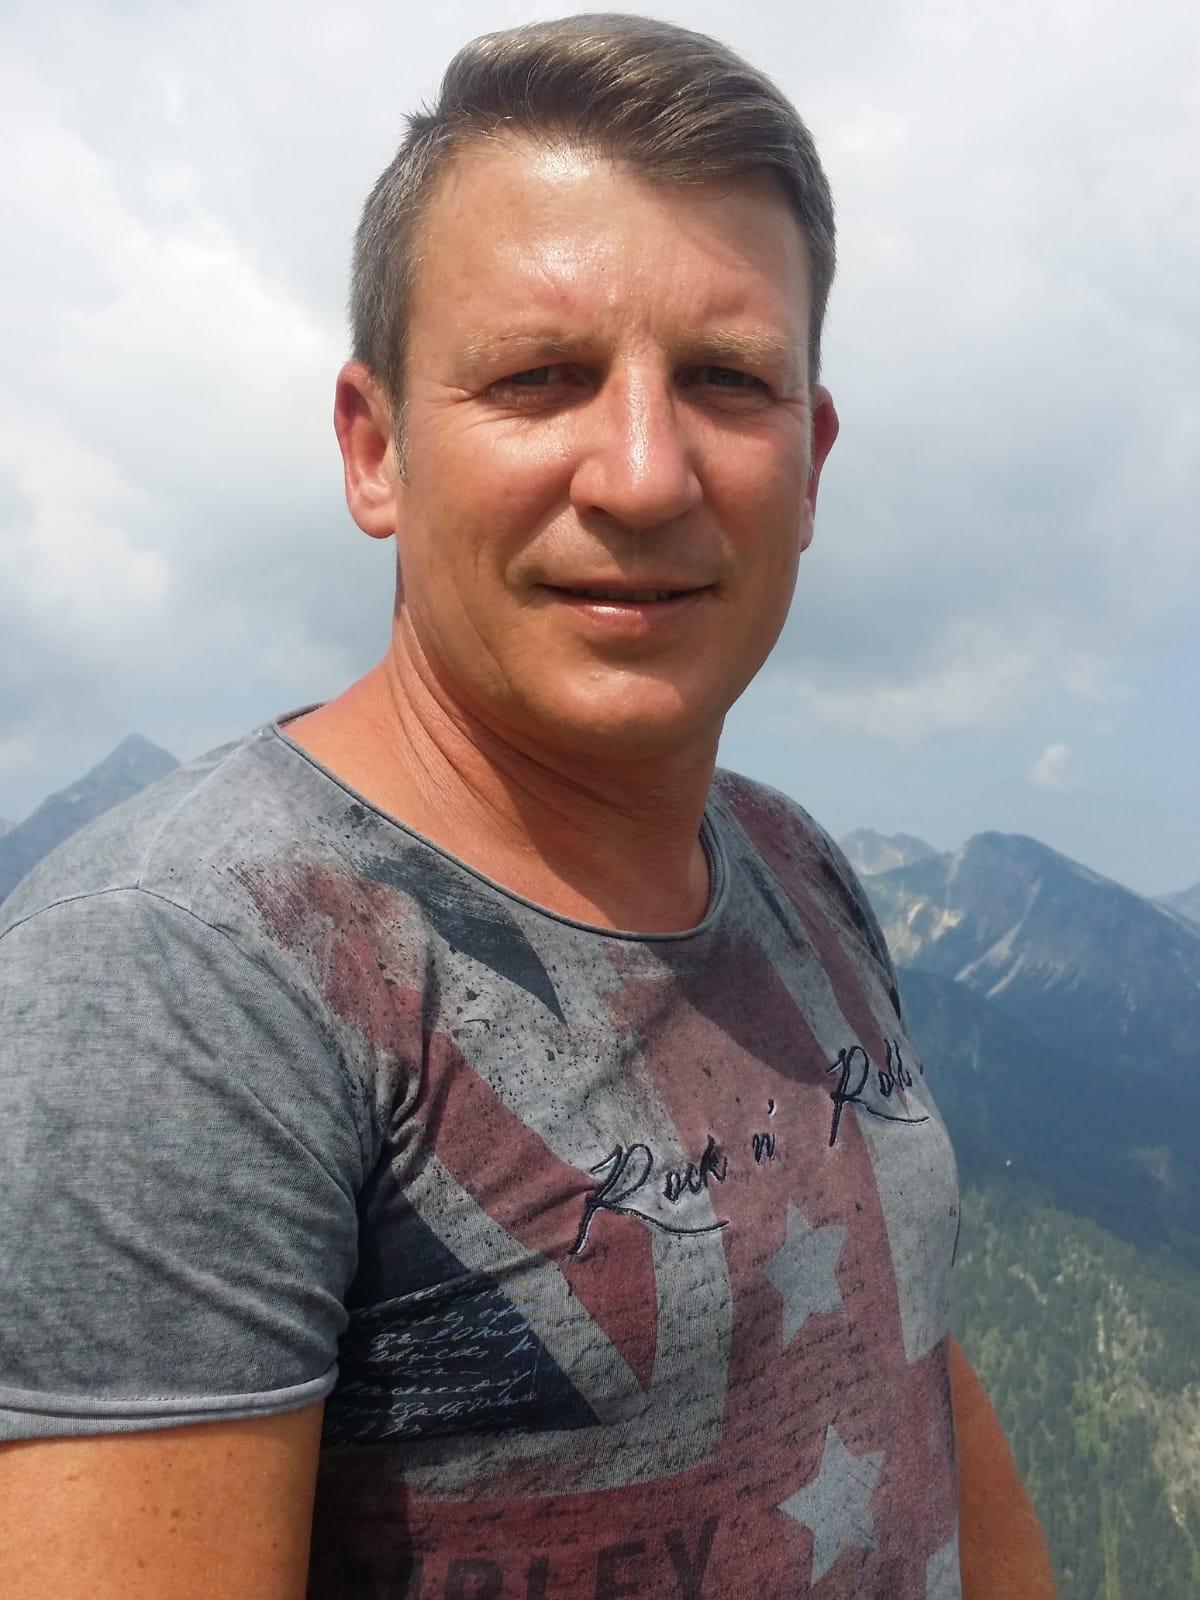 Olaf Kohler-Ossinski